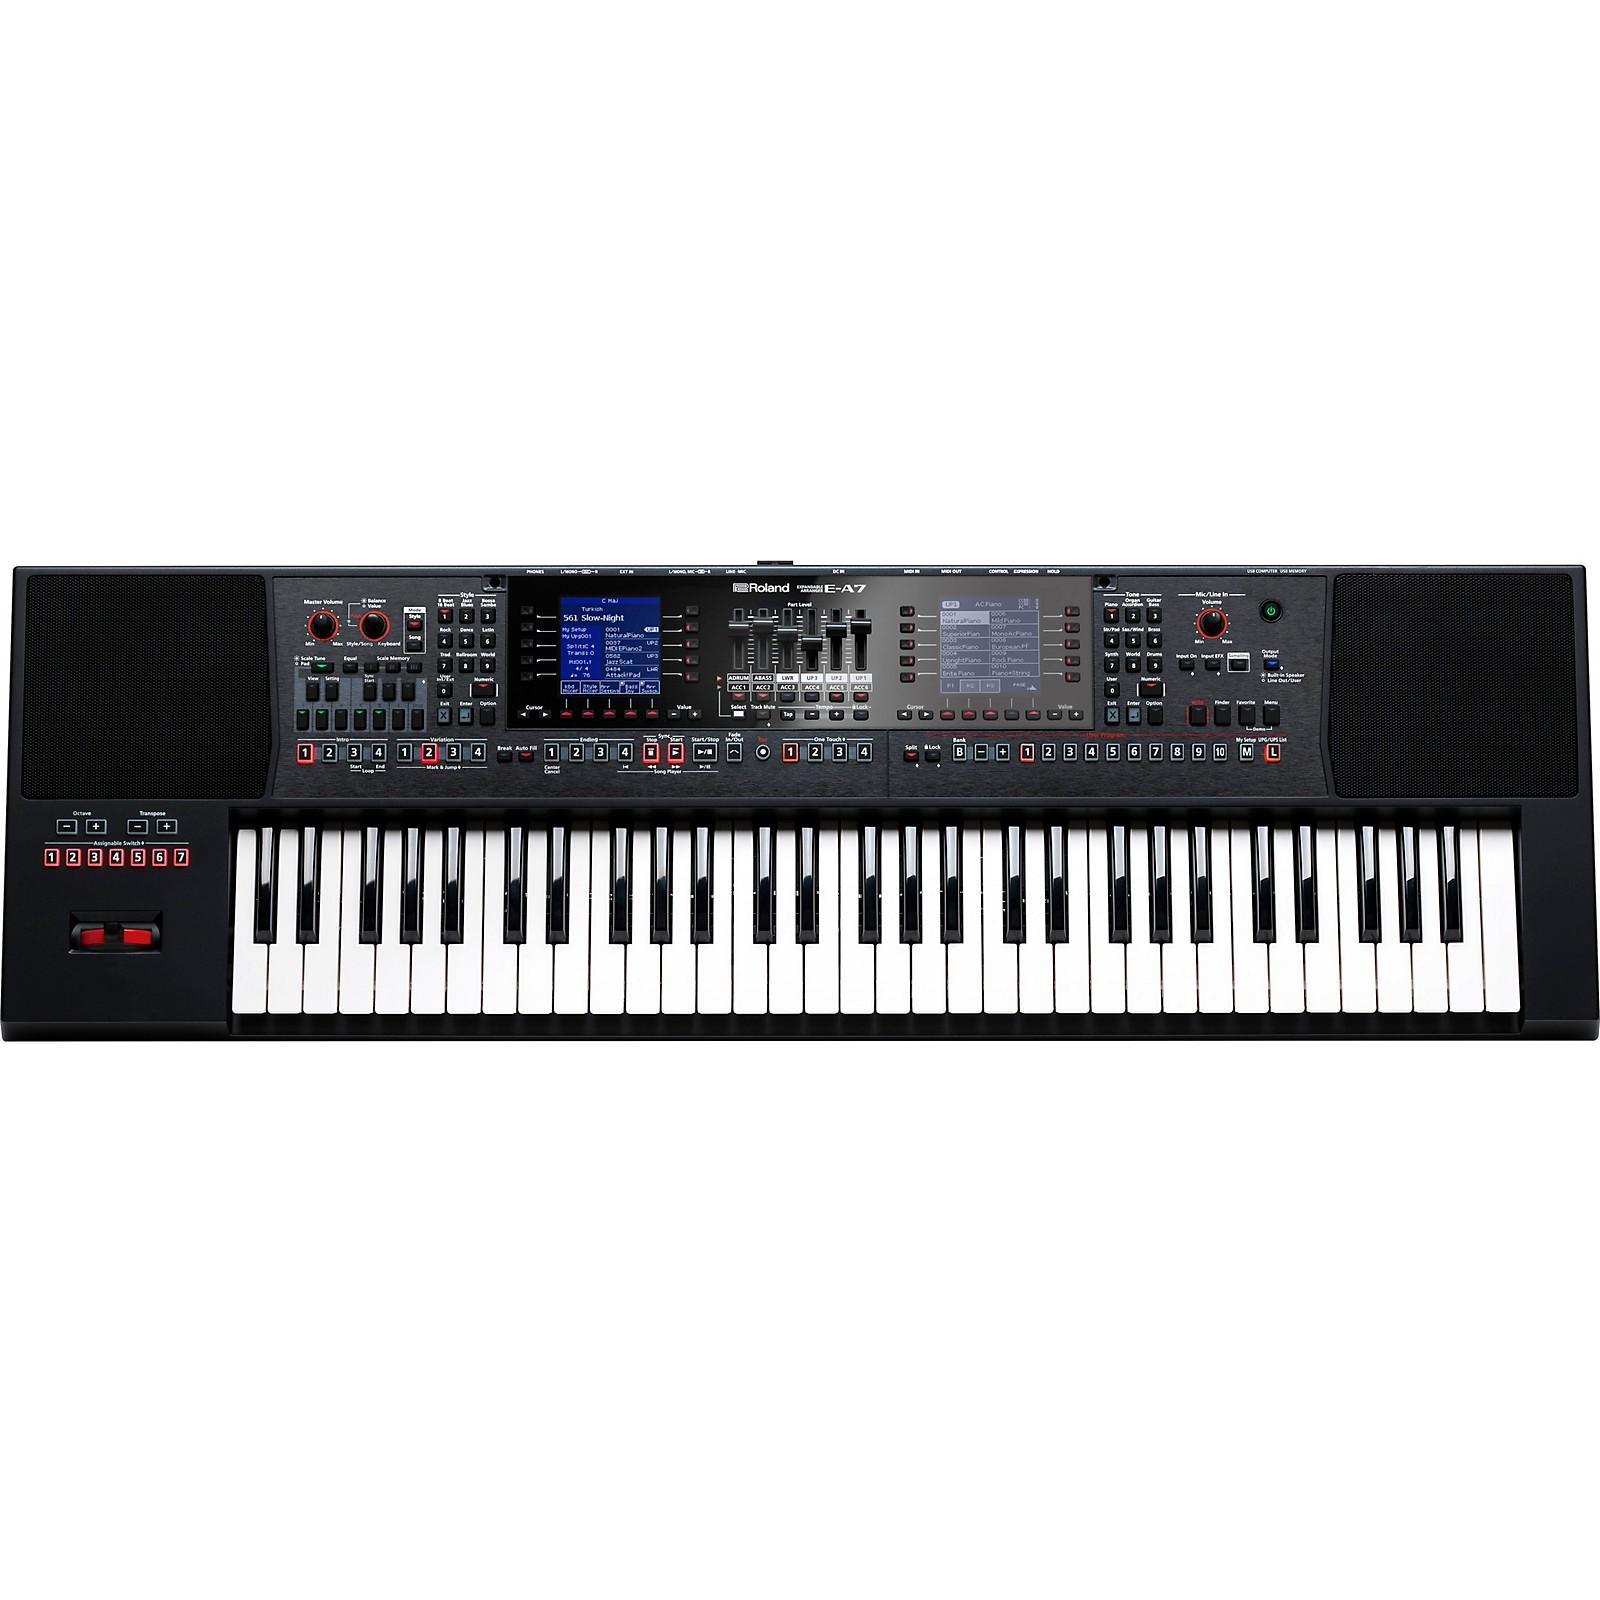 Open Box Roland E-A7 Arranger Keyboard